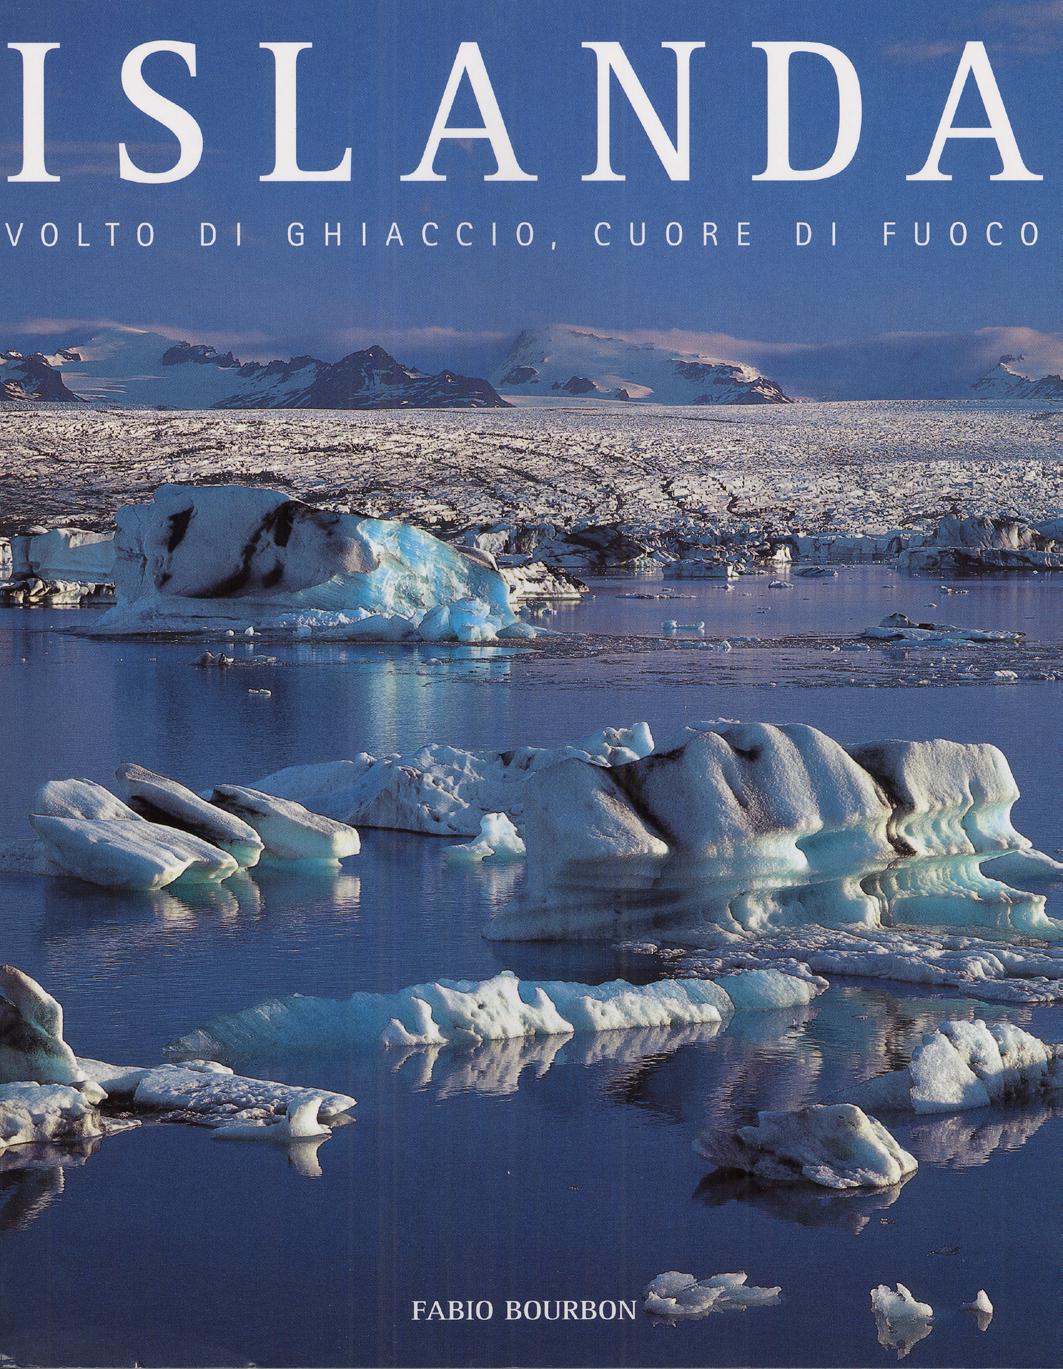 Islanda – volto di ghiaccio, cuore di fuoco